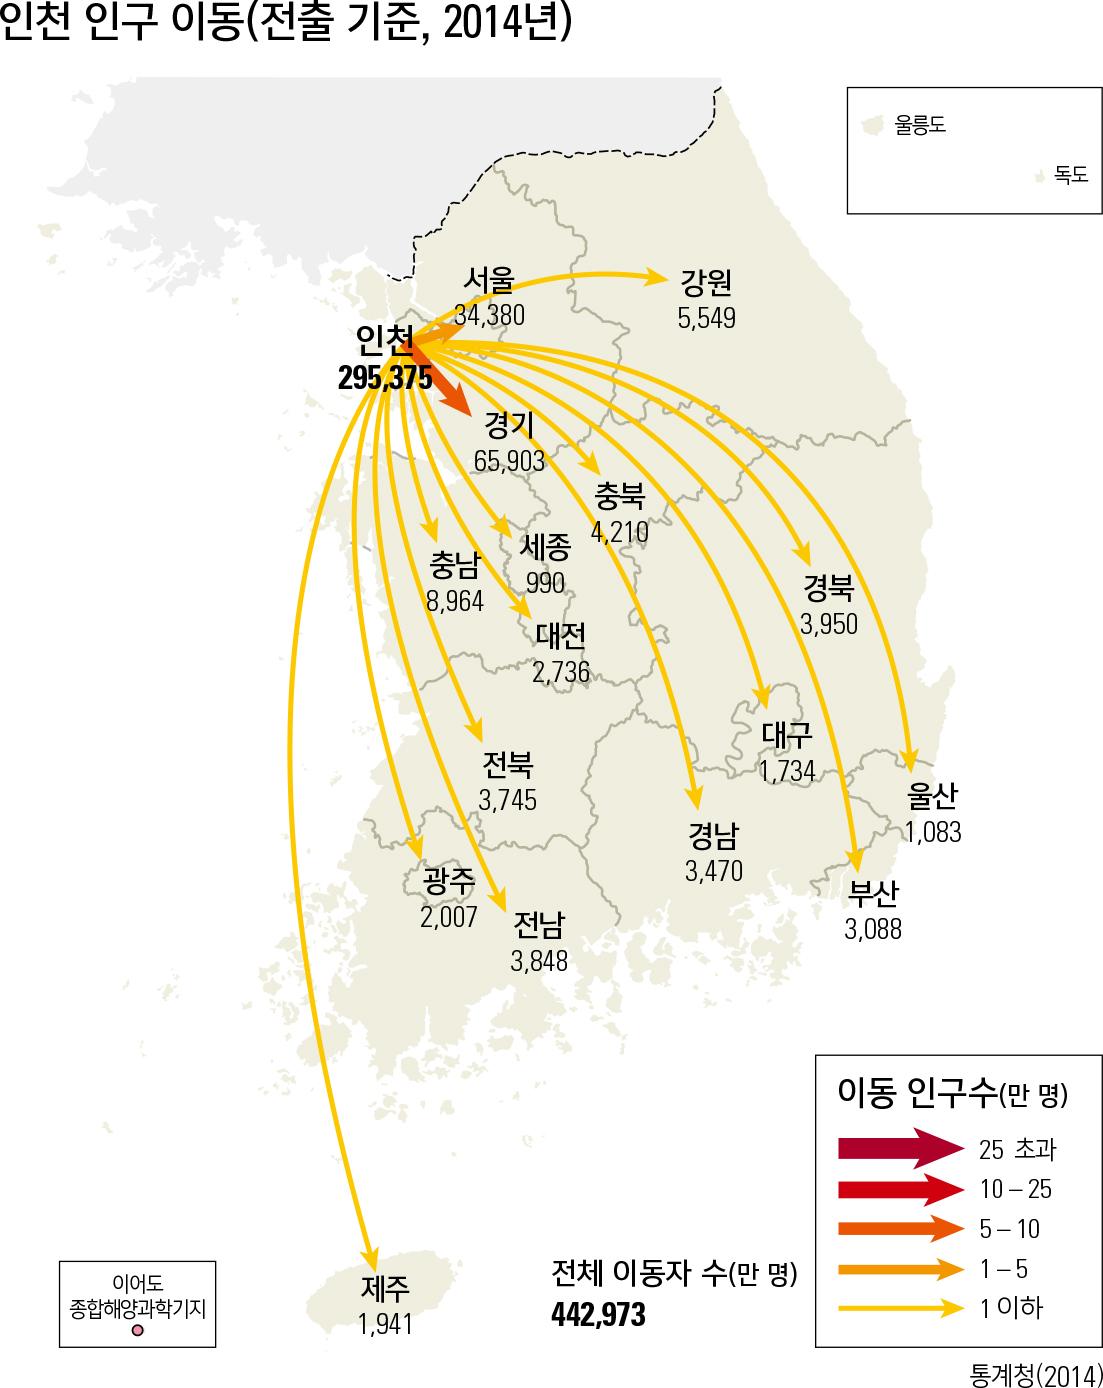 인천 인구 이동(전출 기준, 2014년)